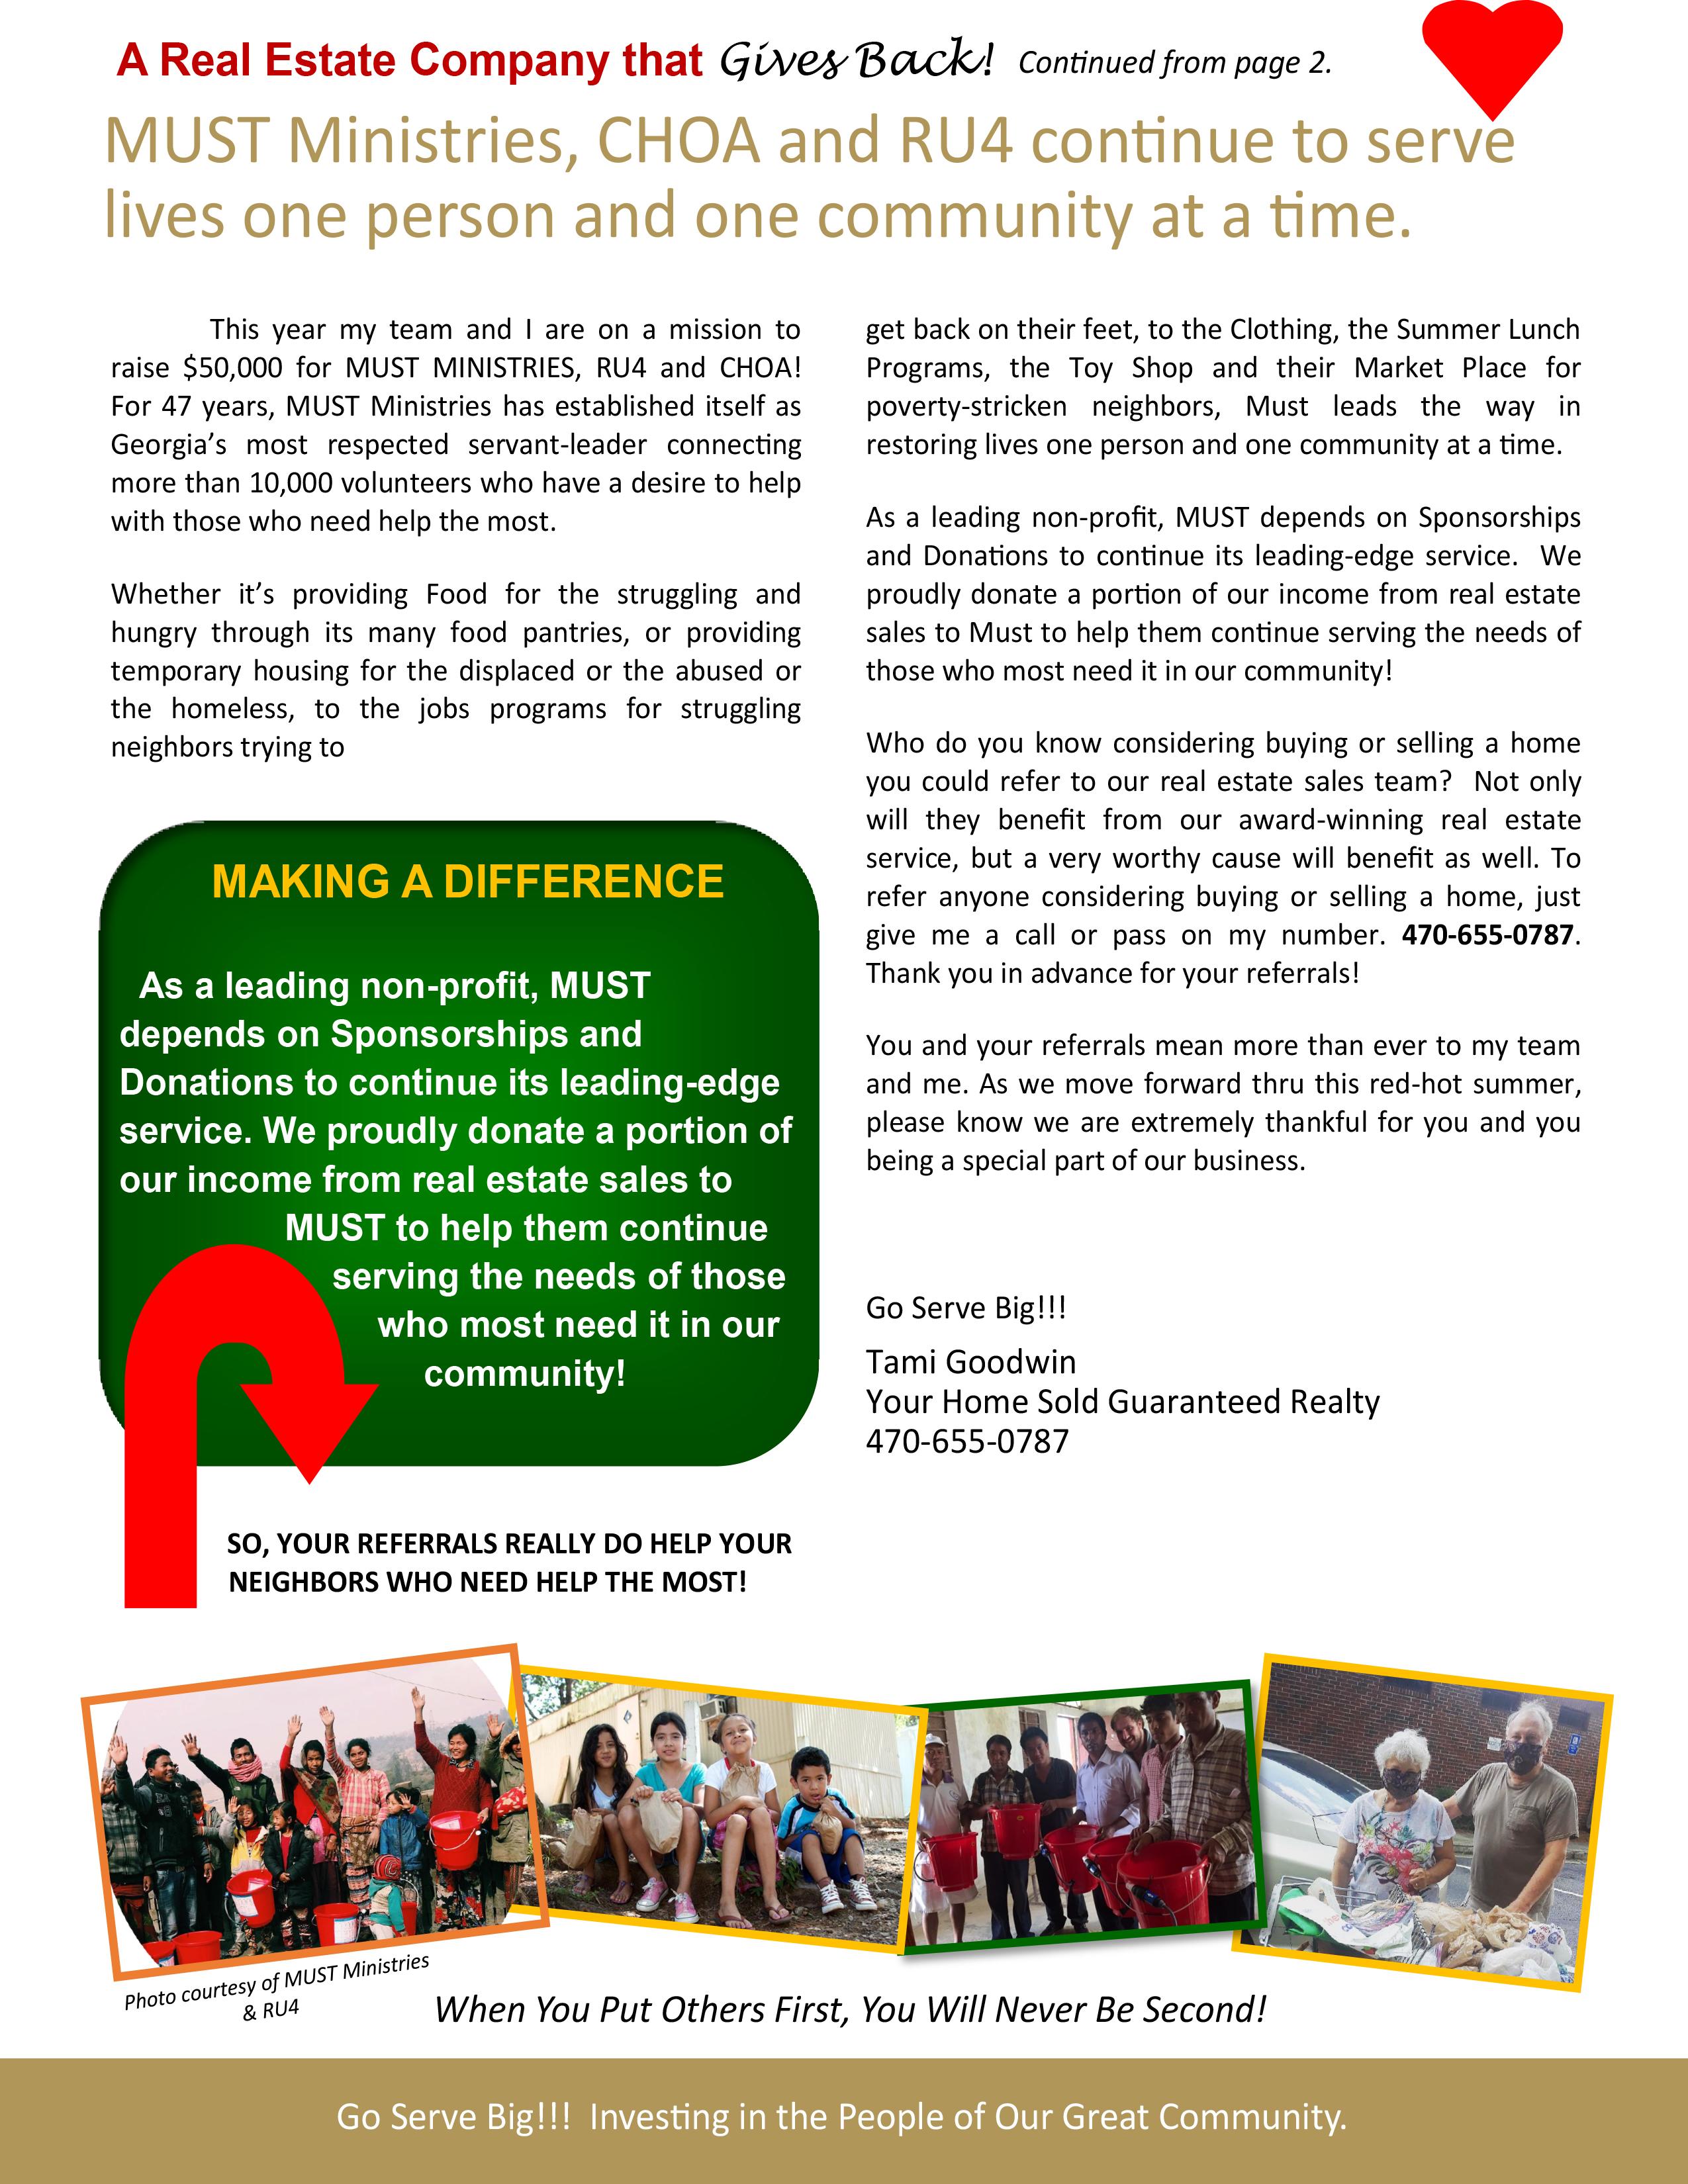 Sept 2020 Referral Newsletter Goodwin Team-3.JPG